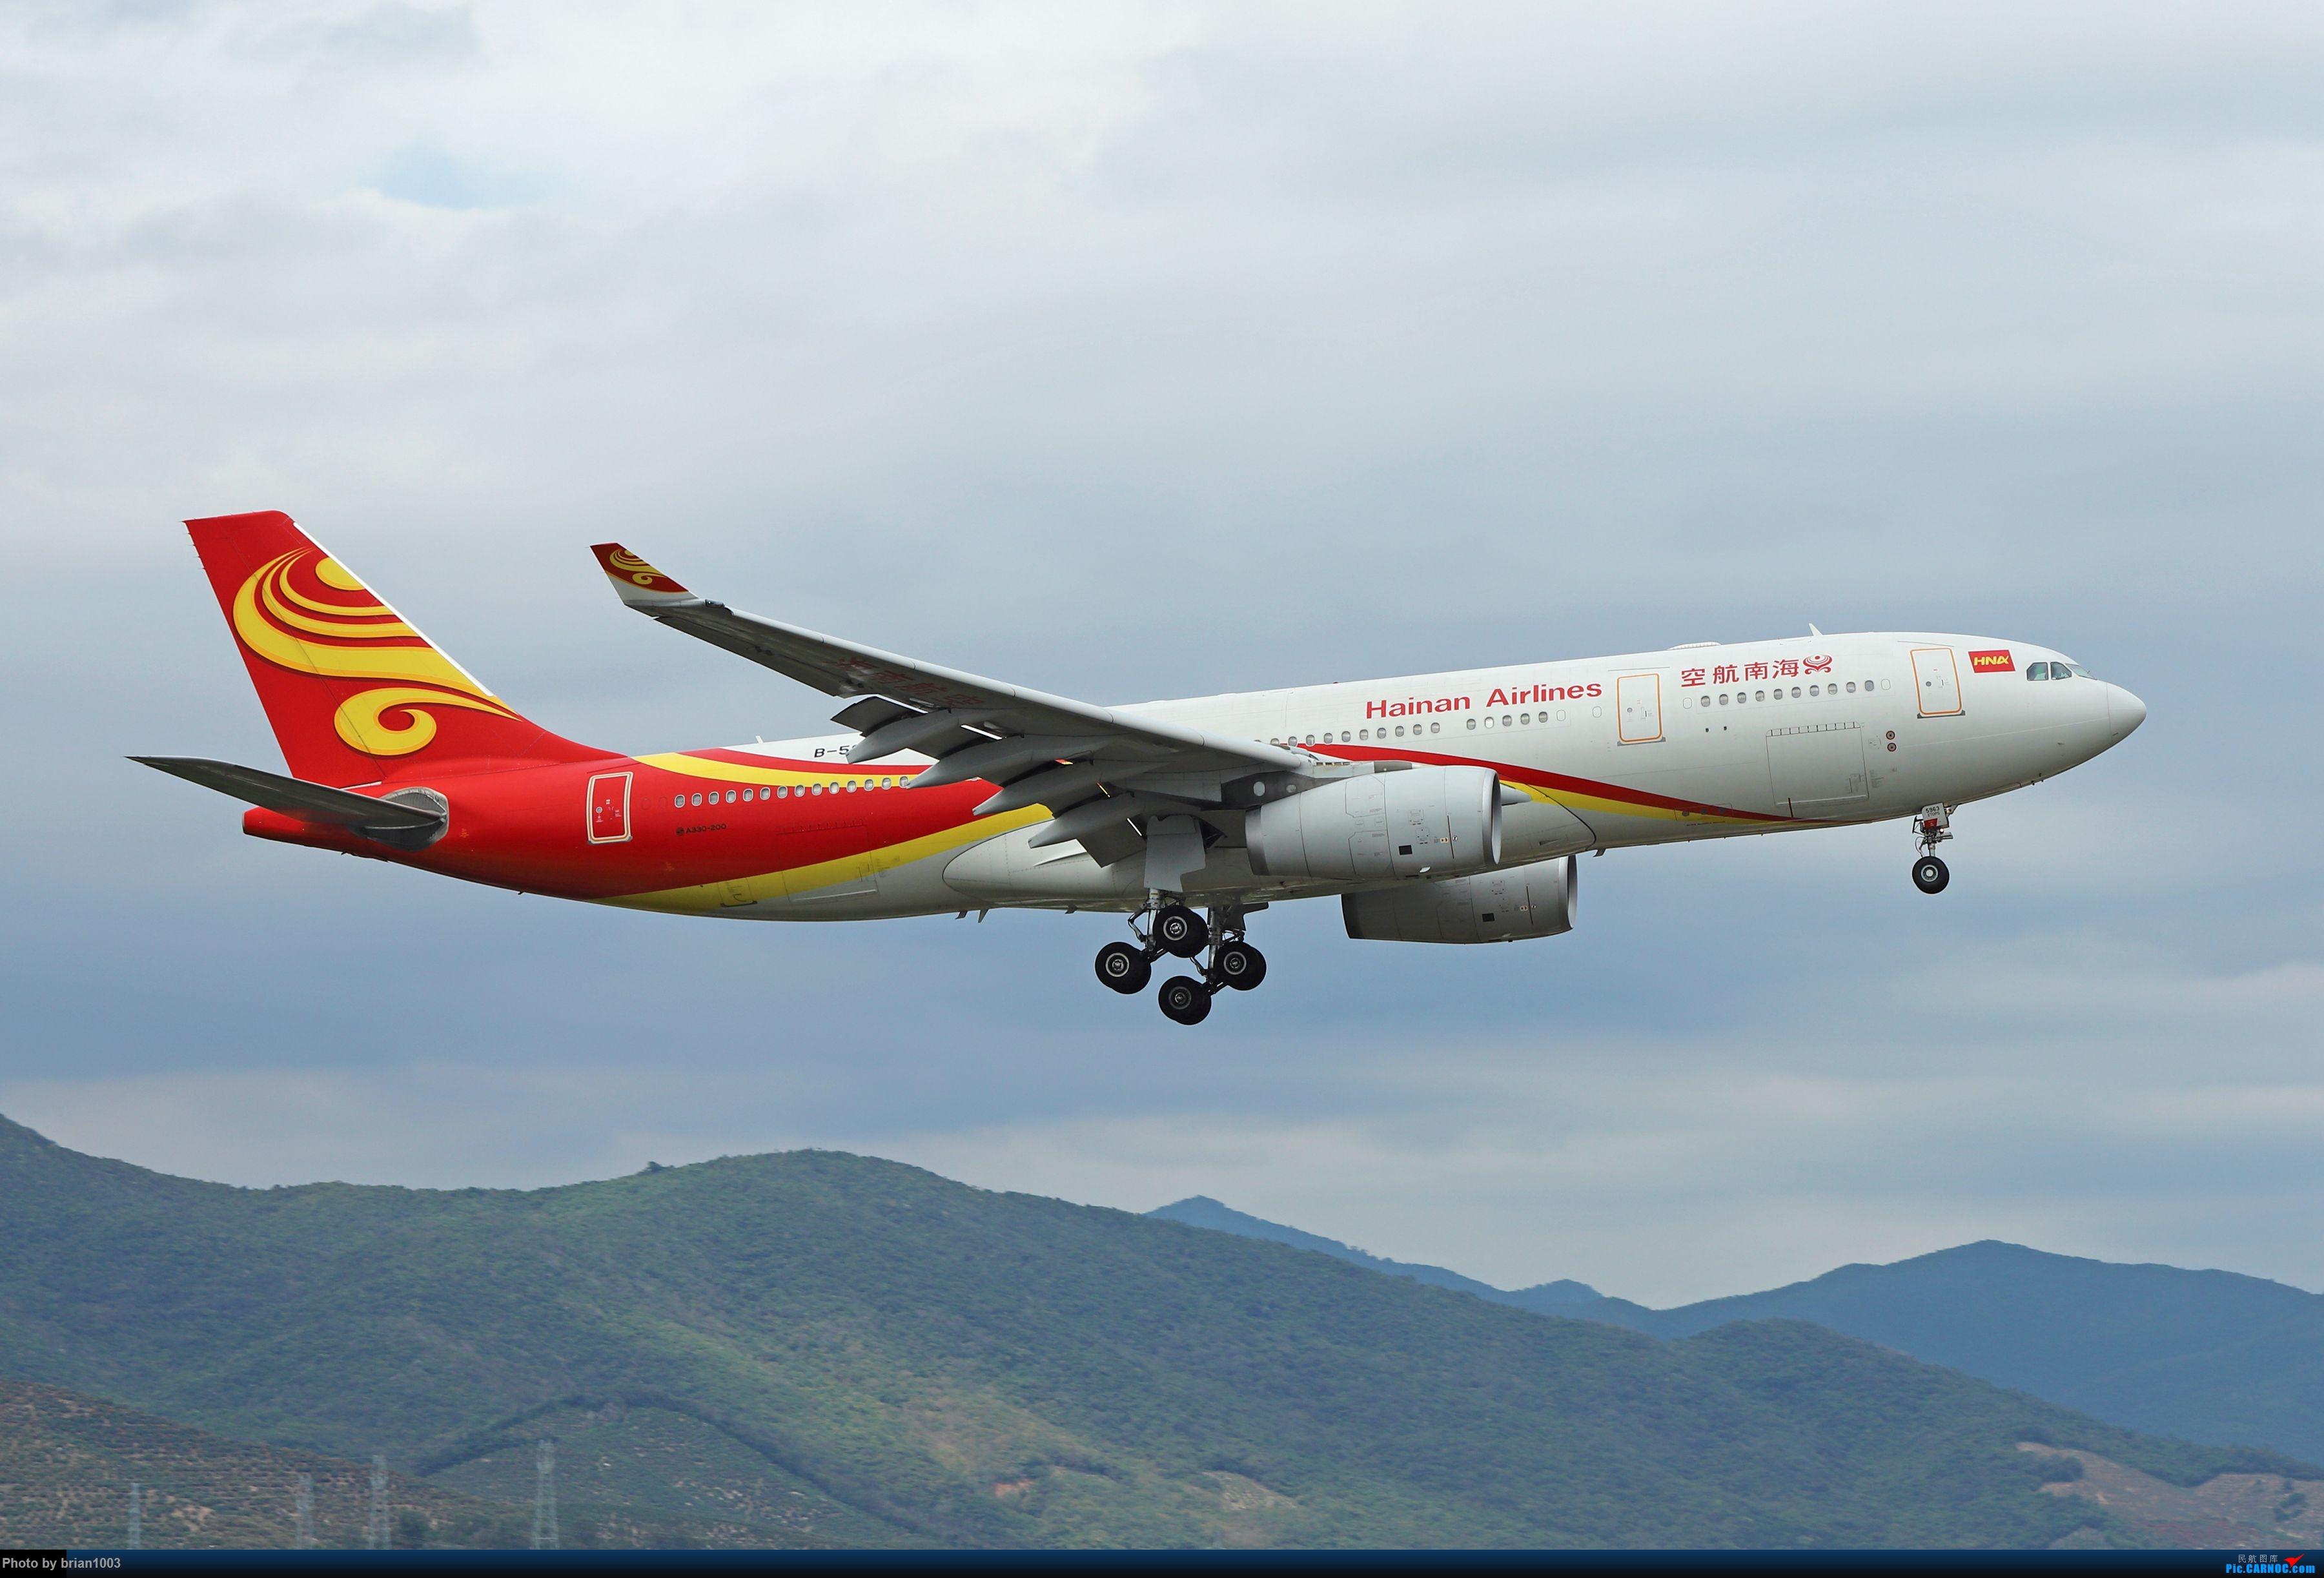 Re:[原创]CZ3347-CZ6734-HU7659,忙里偷闲的三亚拍机之行 AIRBUS A330-200 B-5963 中国三亚凤凰国际机场